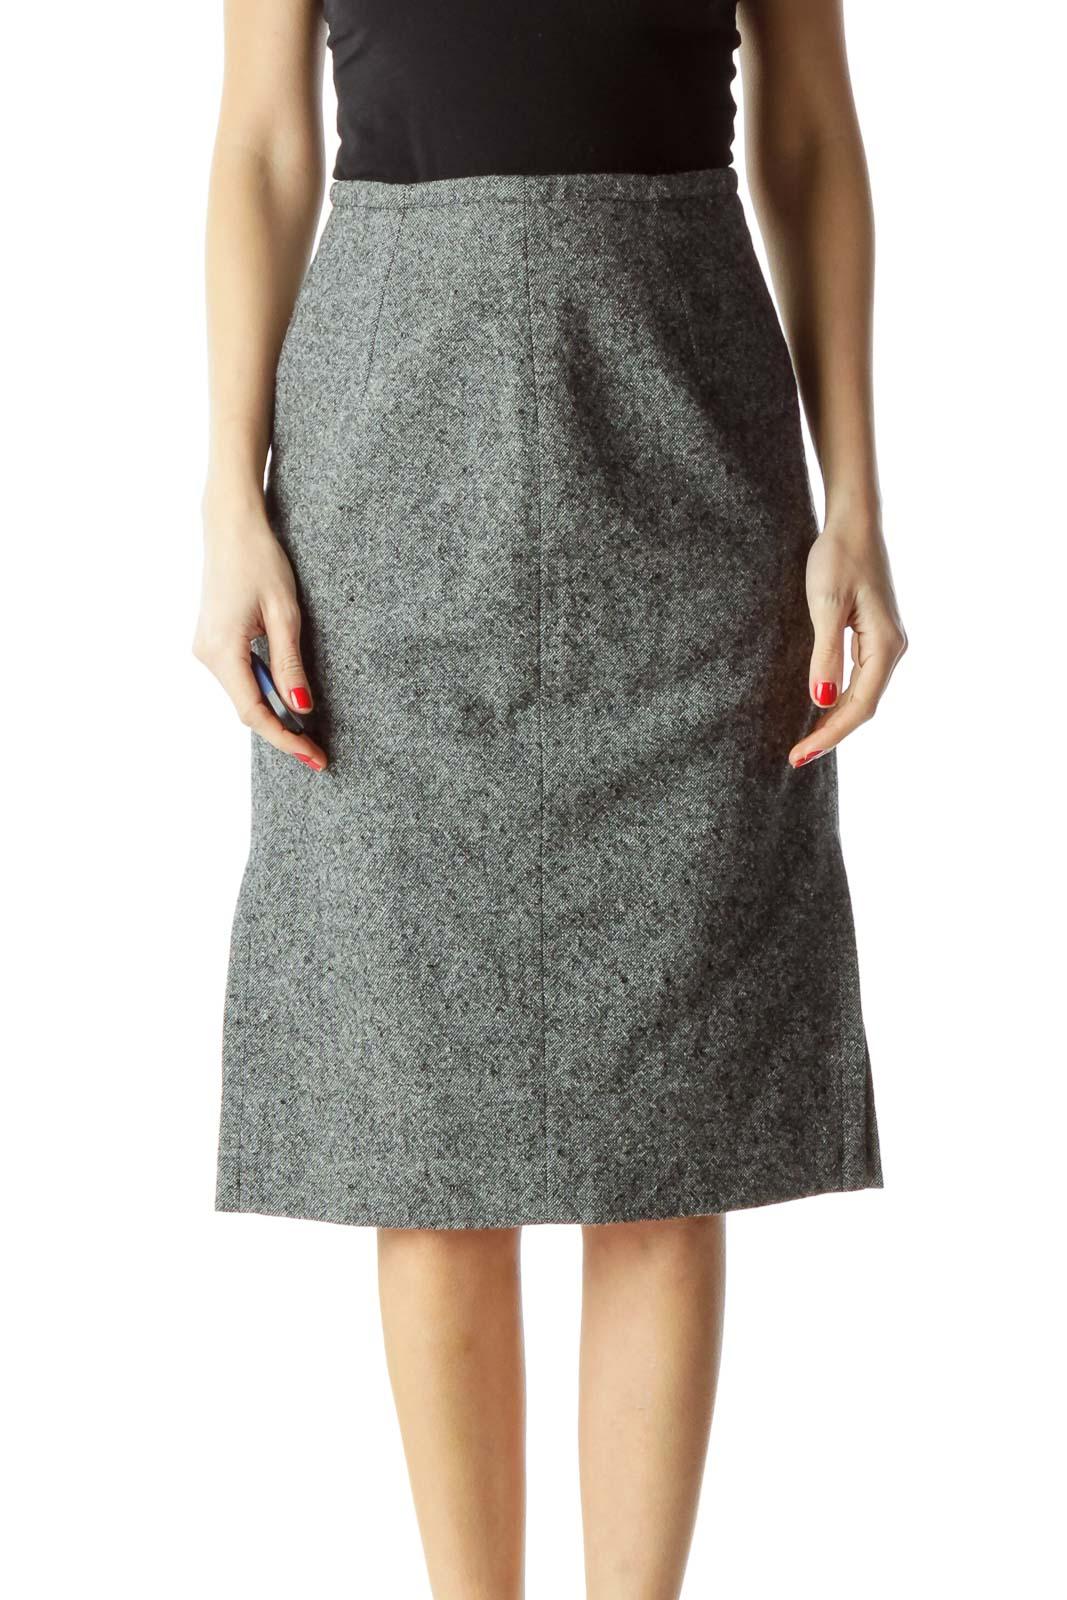 Gray Mottled Work Skirt Front